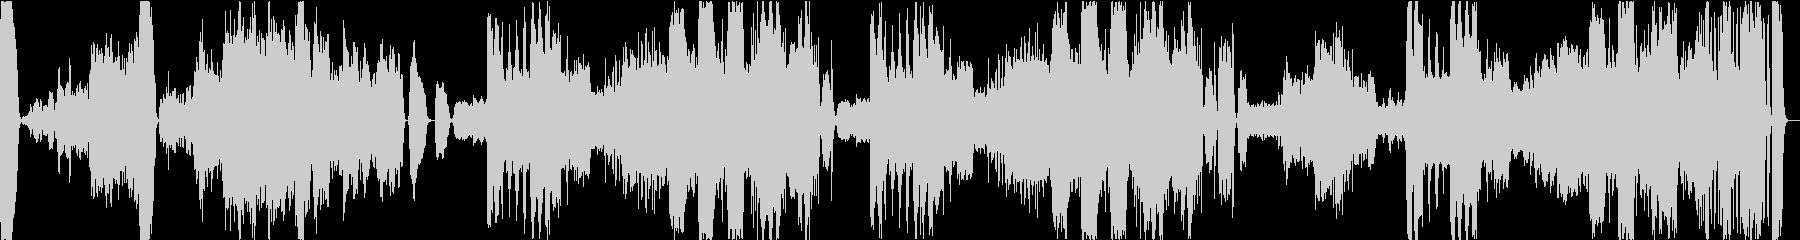 シューベルト交響曲第4番ハ短調「悲観的」の未再生の波形